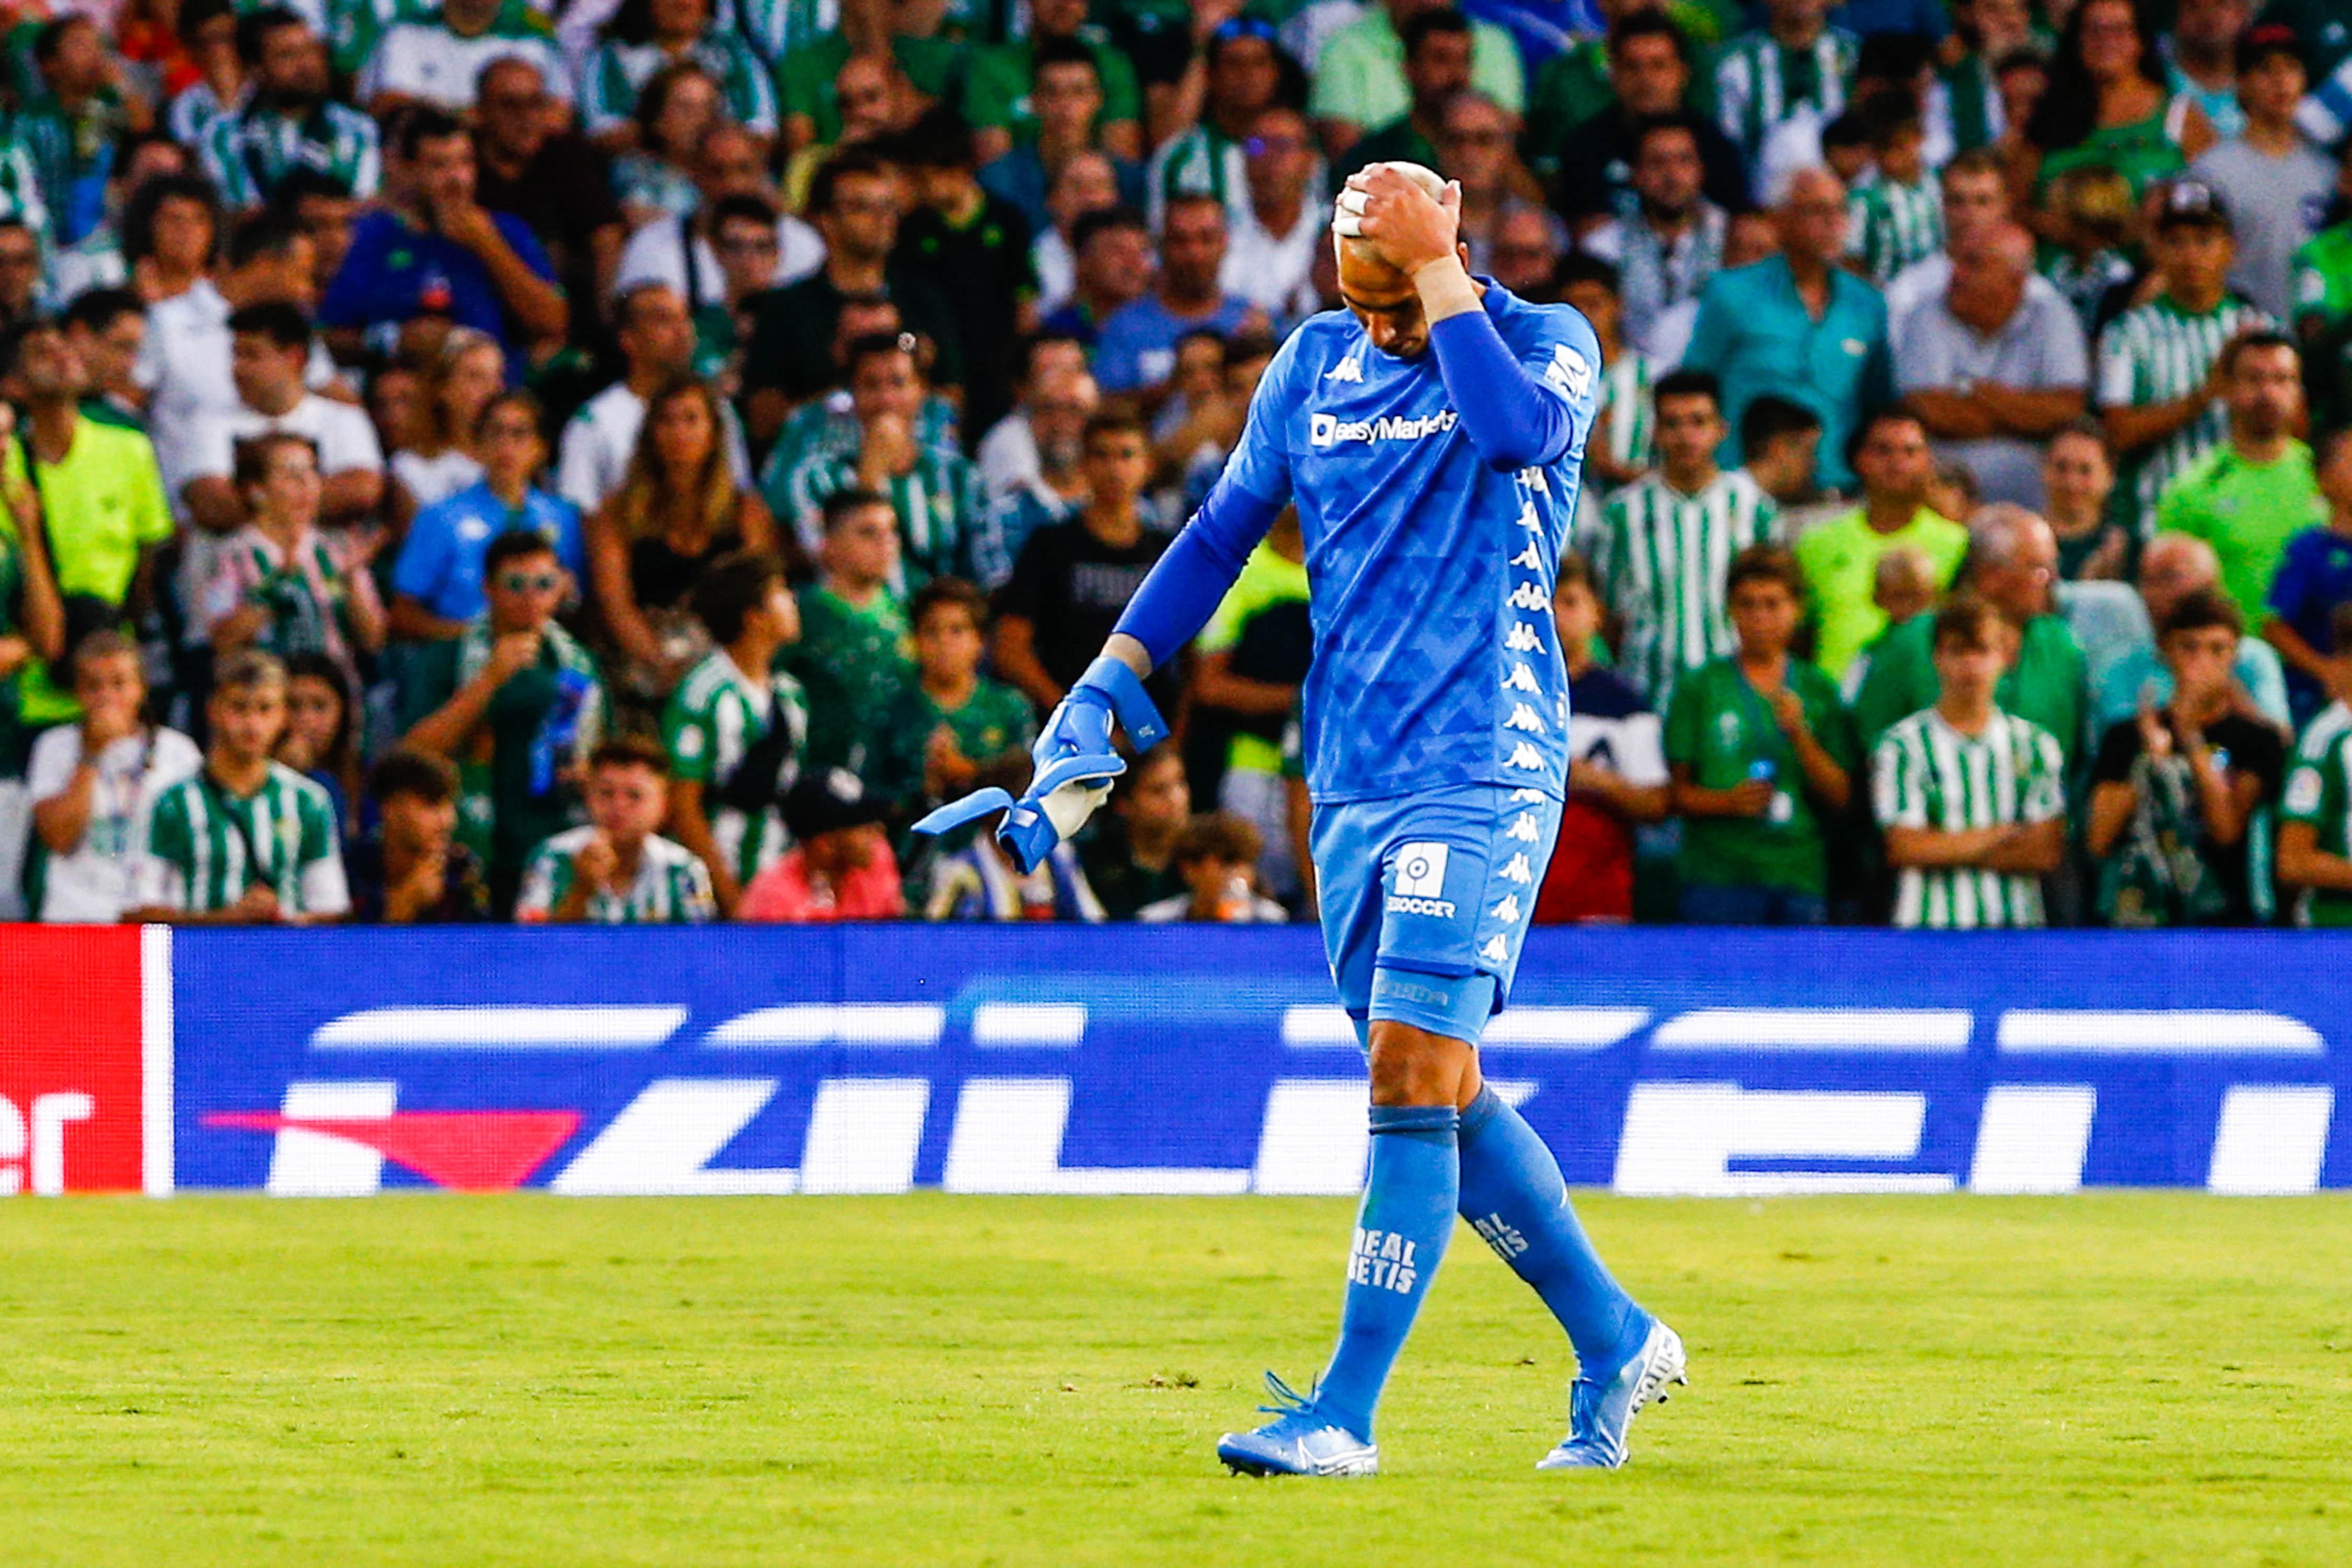 FC Real Betis v Real Valladolid - Liga